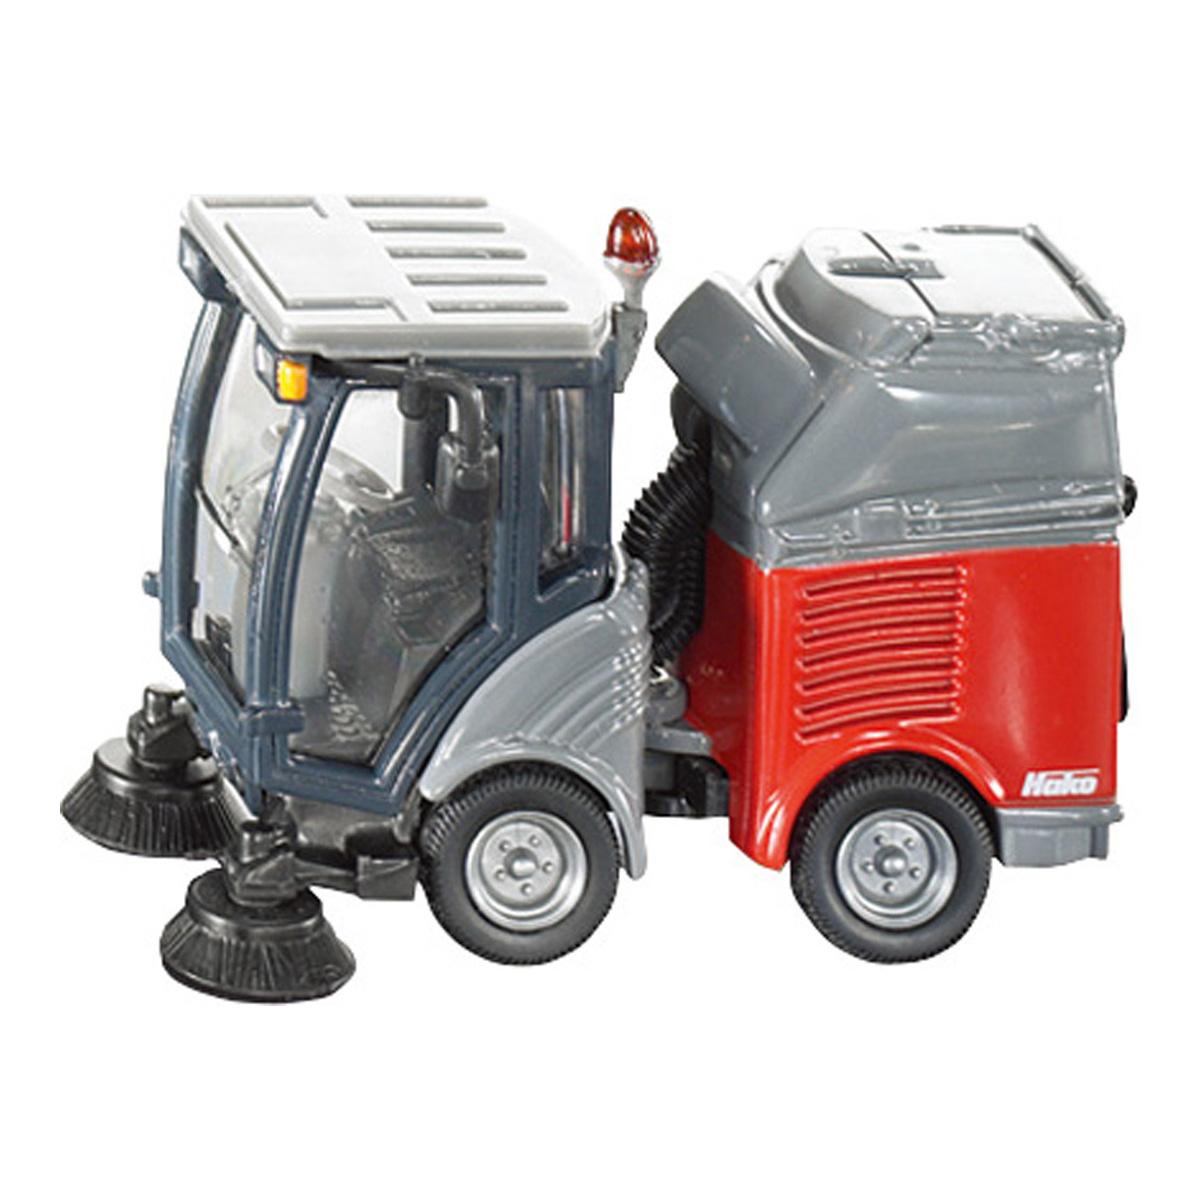 清掃車 1/50(ジク・SIKU)